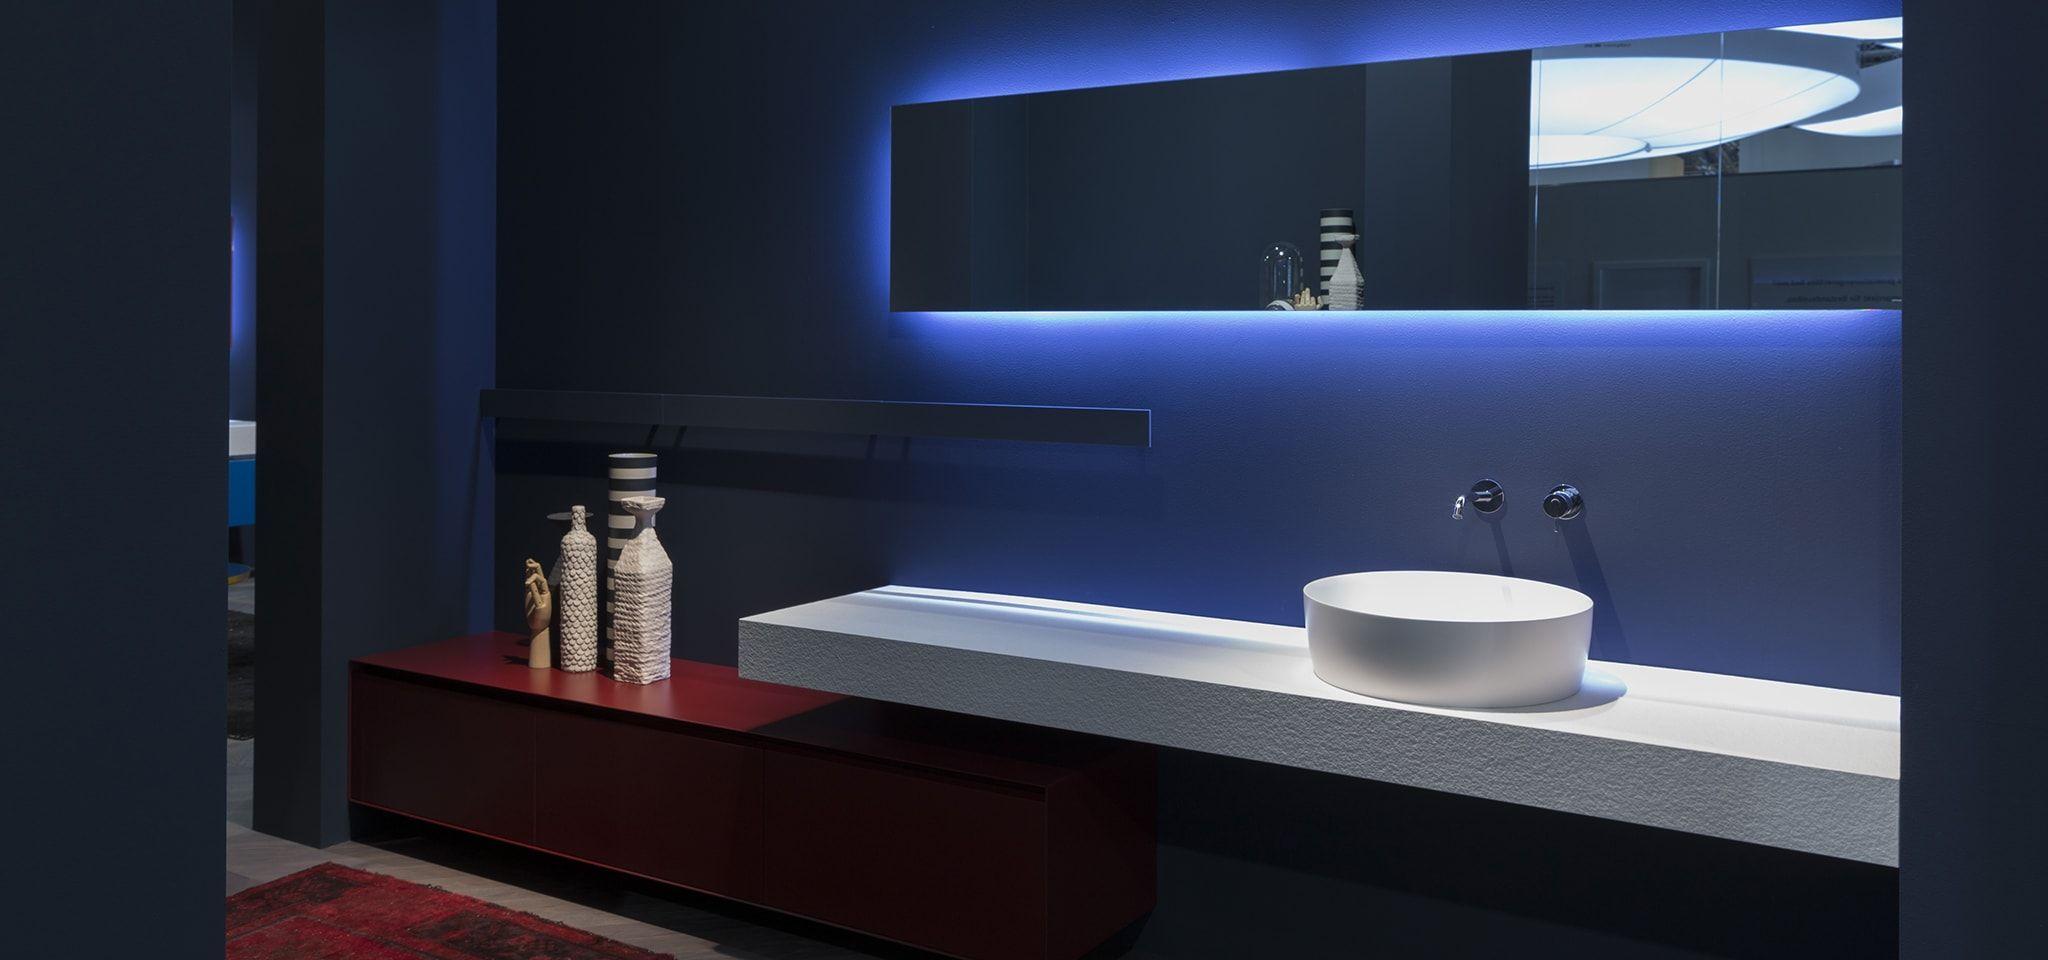 Antonio lupi arredamento e accessori da bagno wc arredamento corian ceramica mosaico - Antonio lupi bagni outlet ...